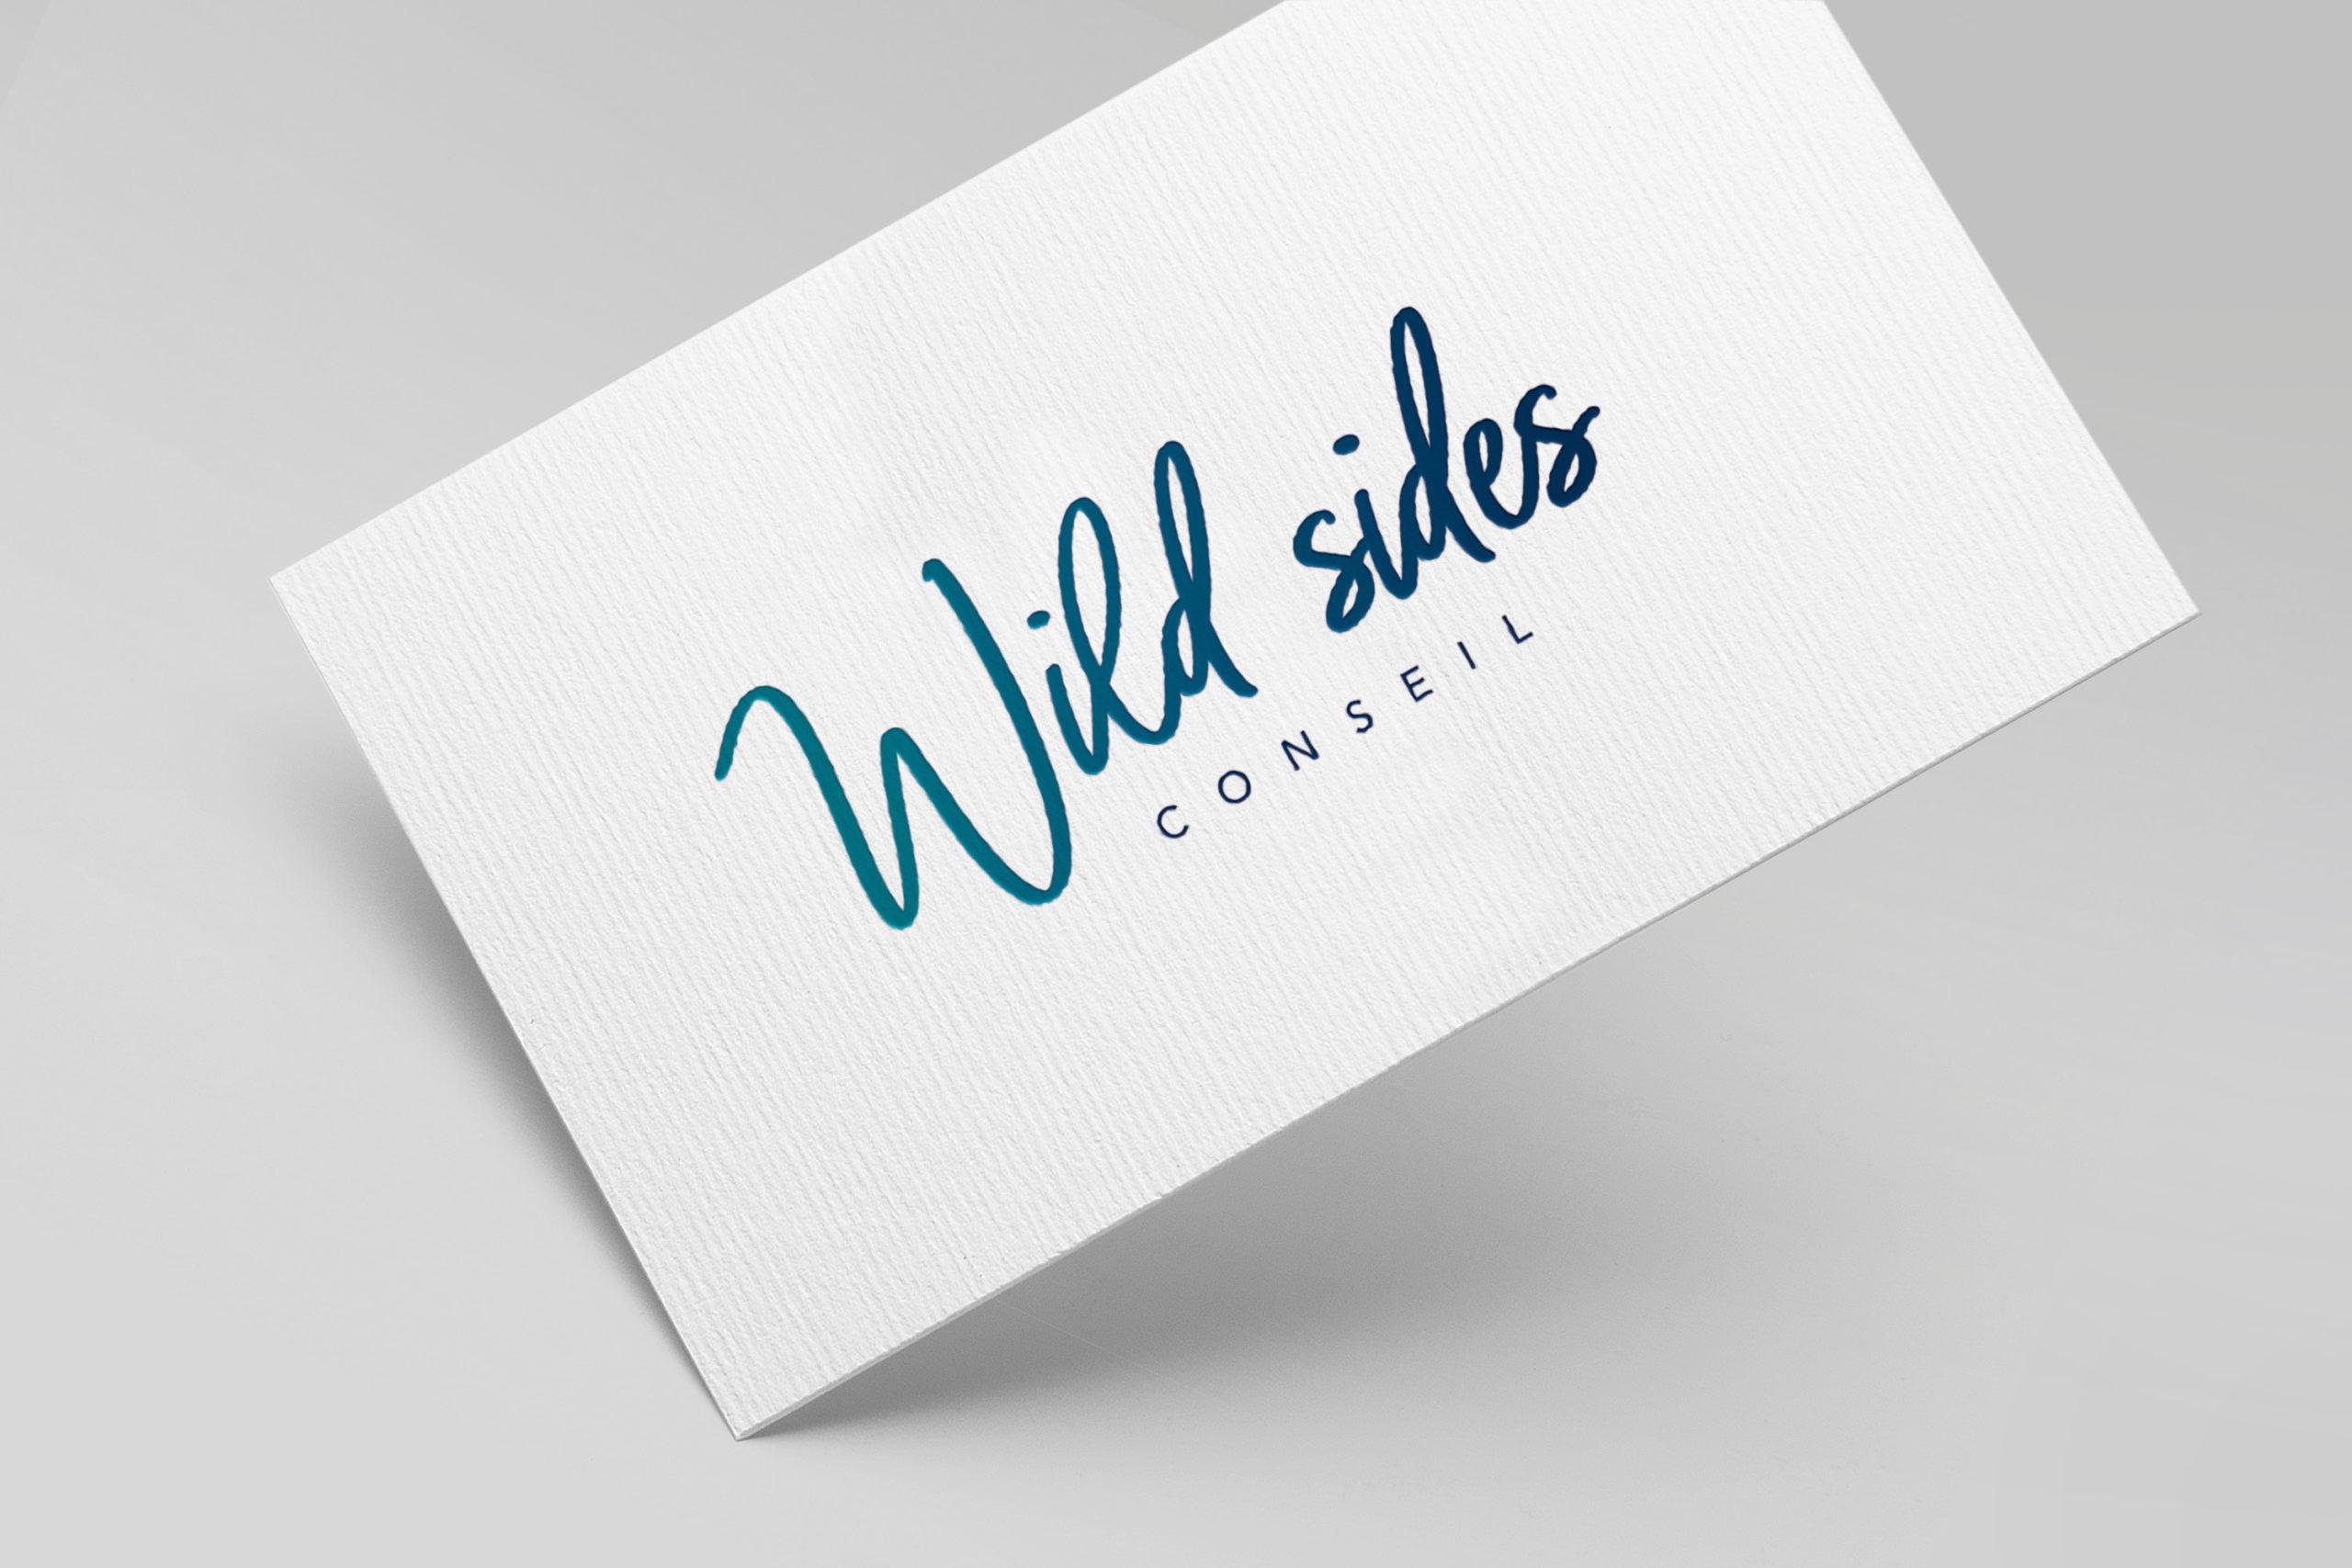 Studio Eckla - Aurélie Marcellak | Logo, identité visuelle Wild Sides Conseil